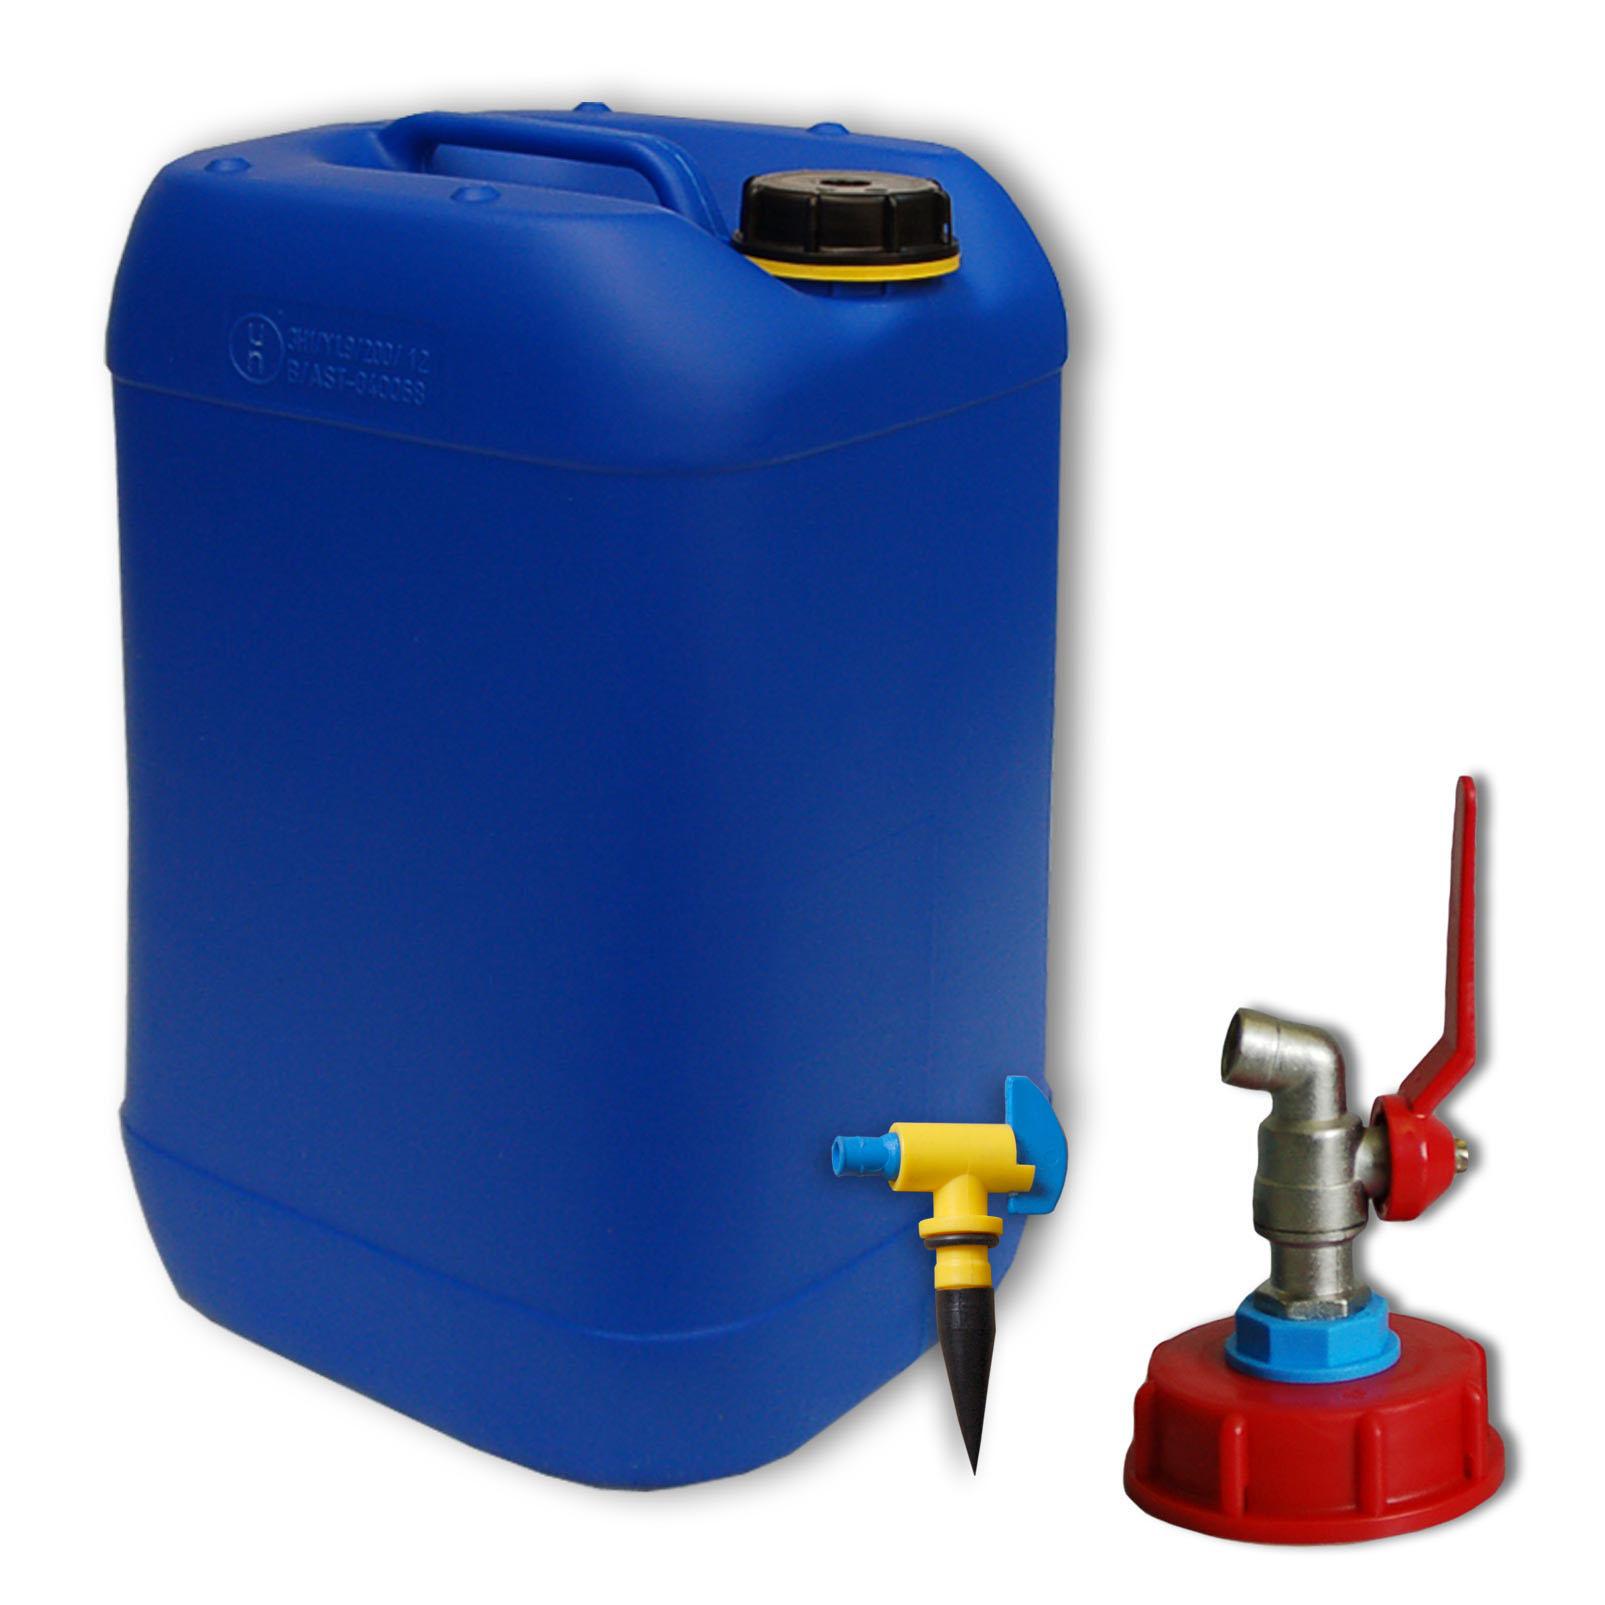 Wundervoll Liter Kanister + MHD61 und Entlüftung SX99